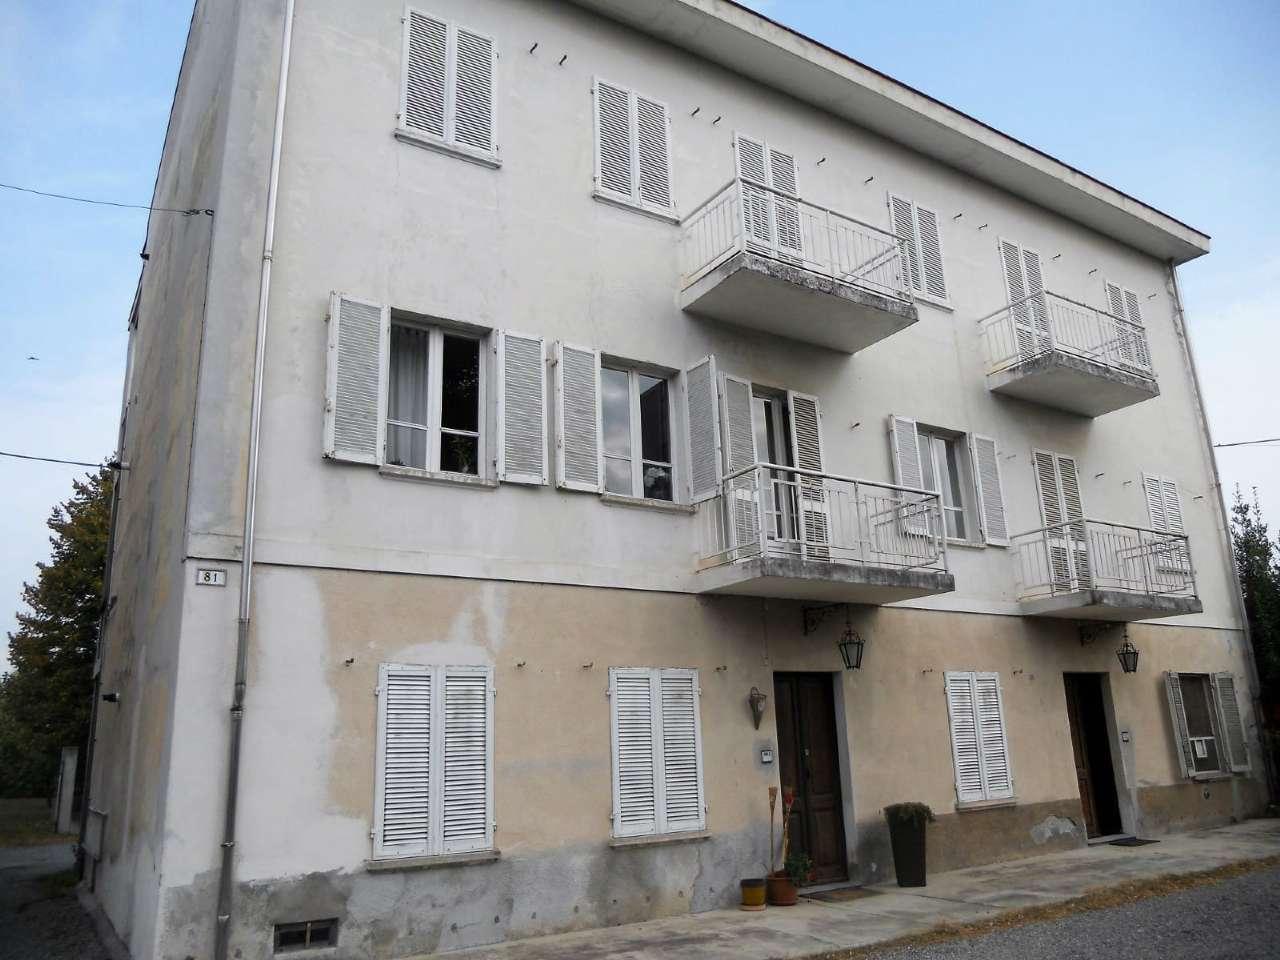 Foto 1 di Terratetto - Terracielo corso Vercelli  81, Ivrea